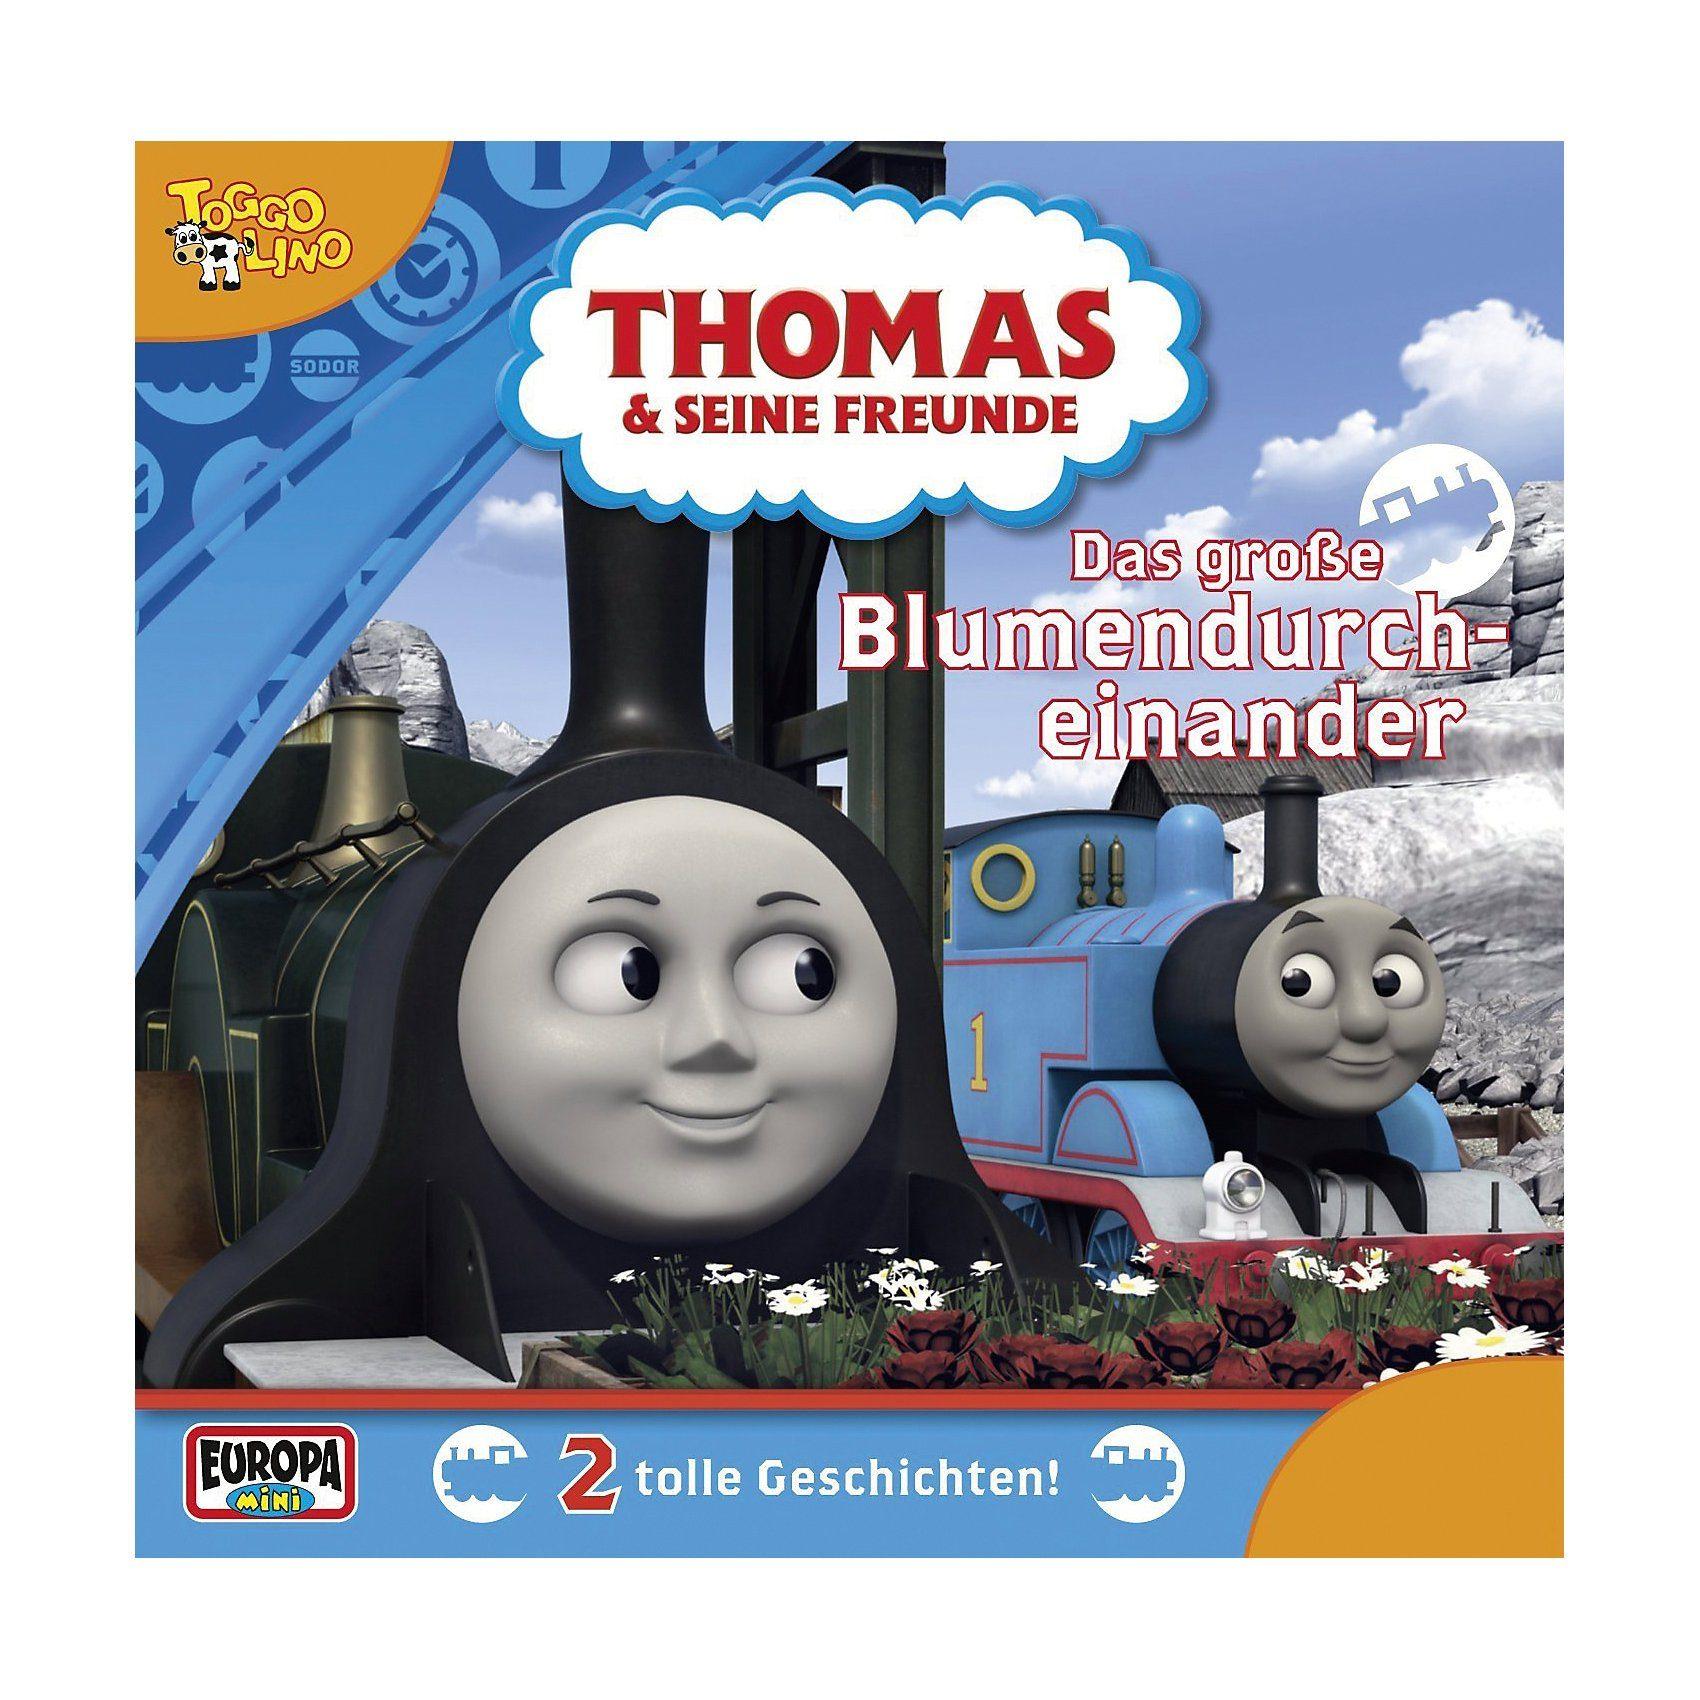 Sony CD Thomas & seine Freunde 20 - Das große Blumendurcheinander